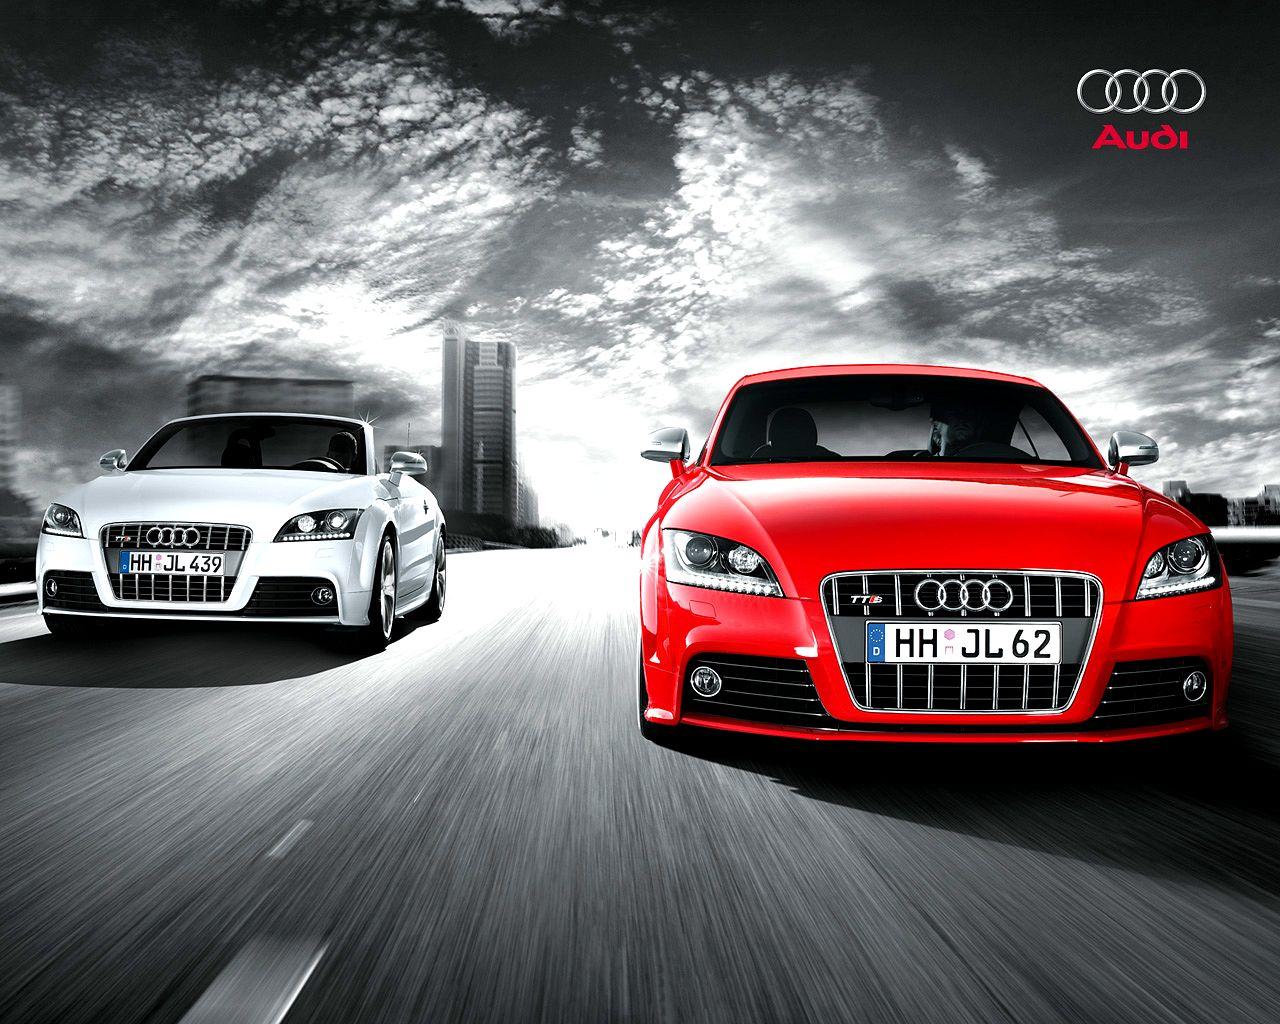 Audi Wallpaper HD WallpaperSafari - Audi car ke wallpaper